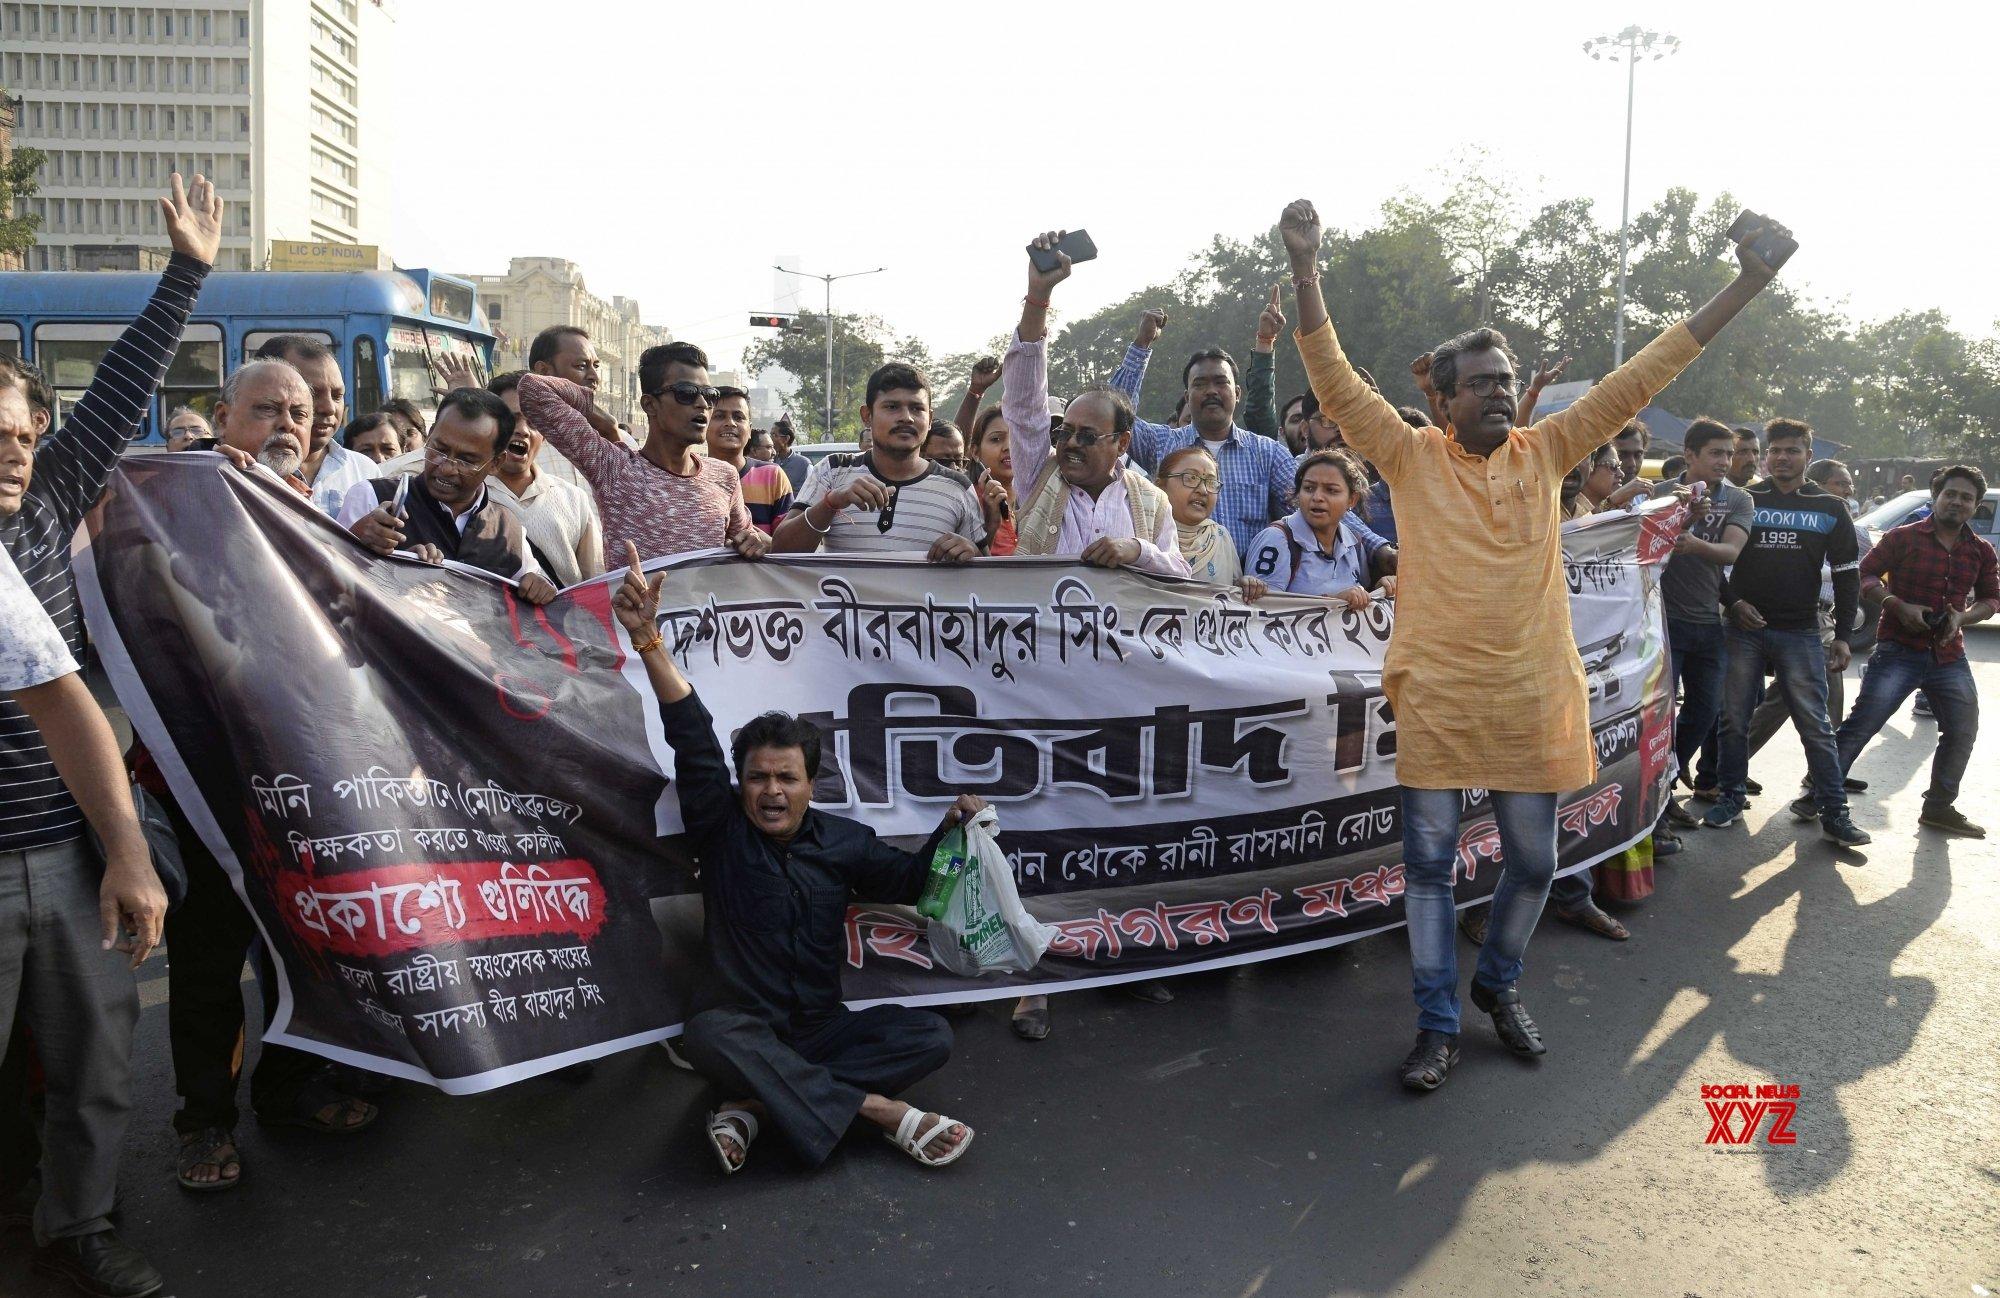 Police stop Hindu Jagran Manch procession in Kolkata